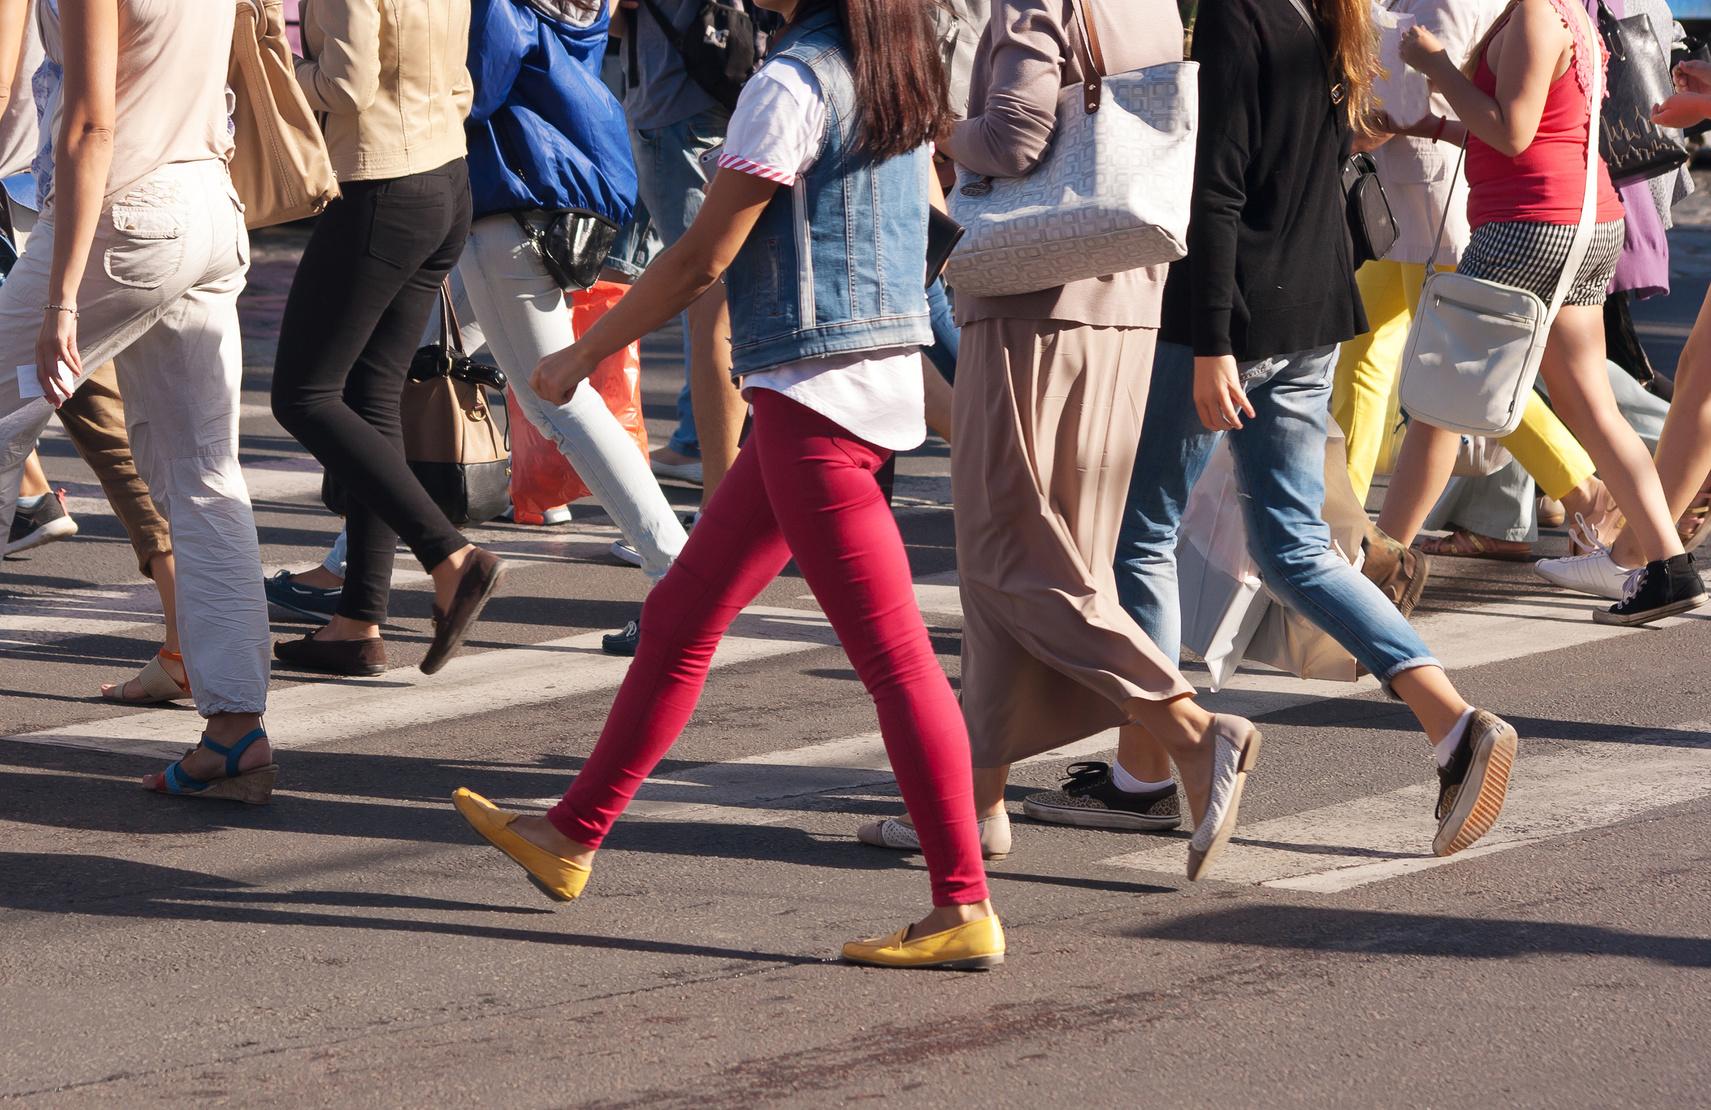 Detailfoto Fußgänger überqueren eine Straße mit Zebrastreifen.